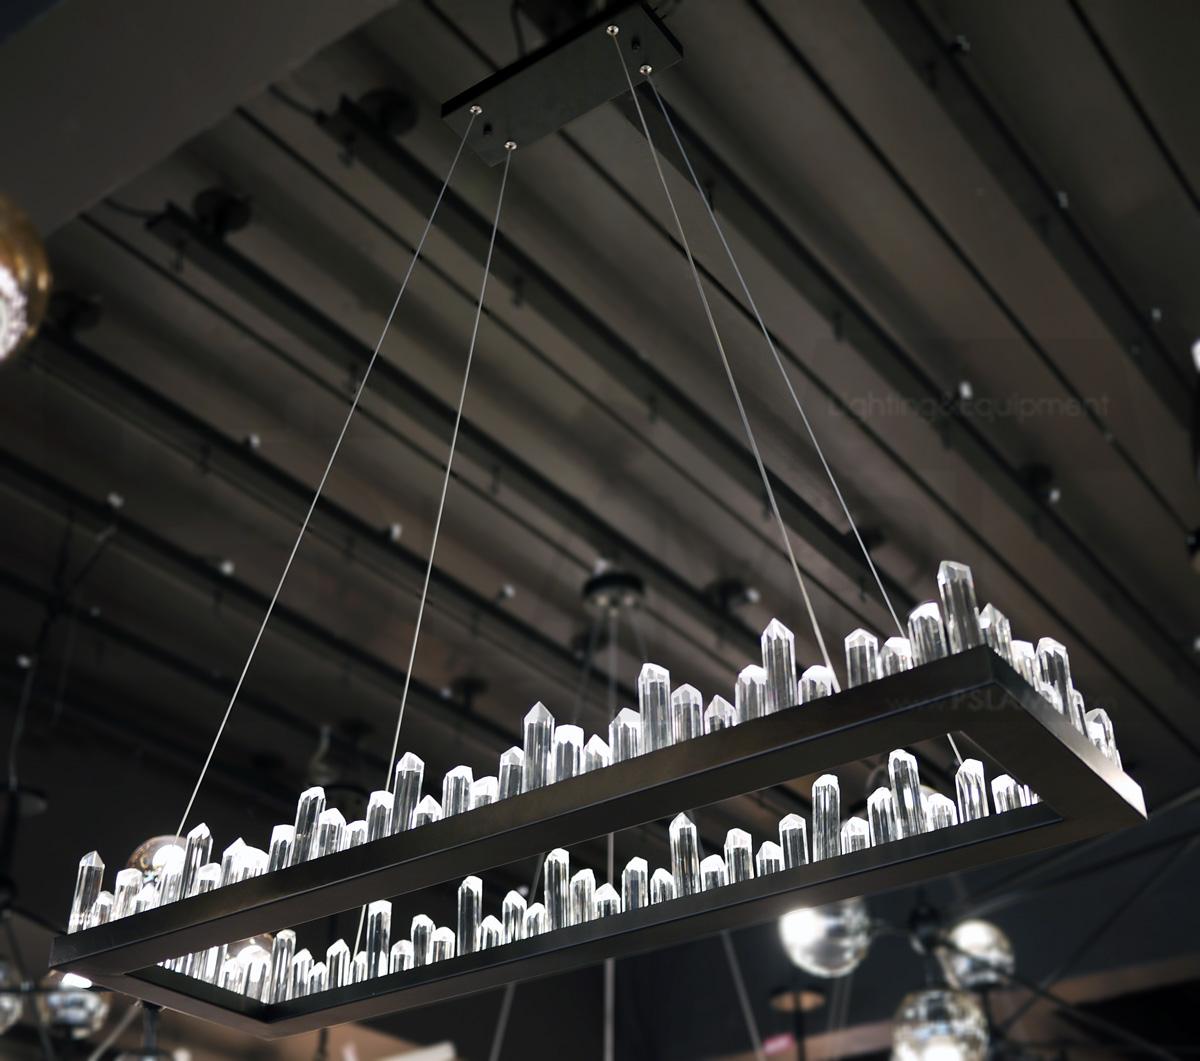 โคมไฟวินเทจ-โคมไฟโมเดิร์น-ขายโคมไฟ-ร้านโคมไฟ-โคมไฟราคาถูก-FASCINO